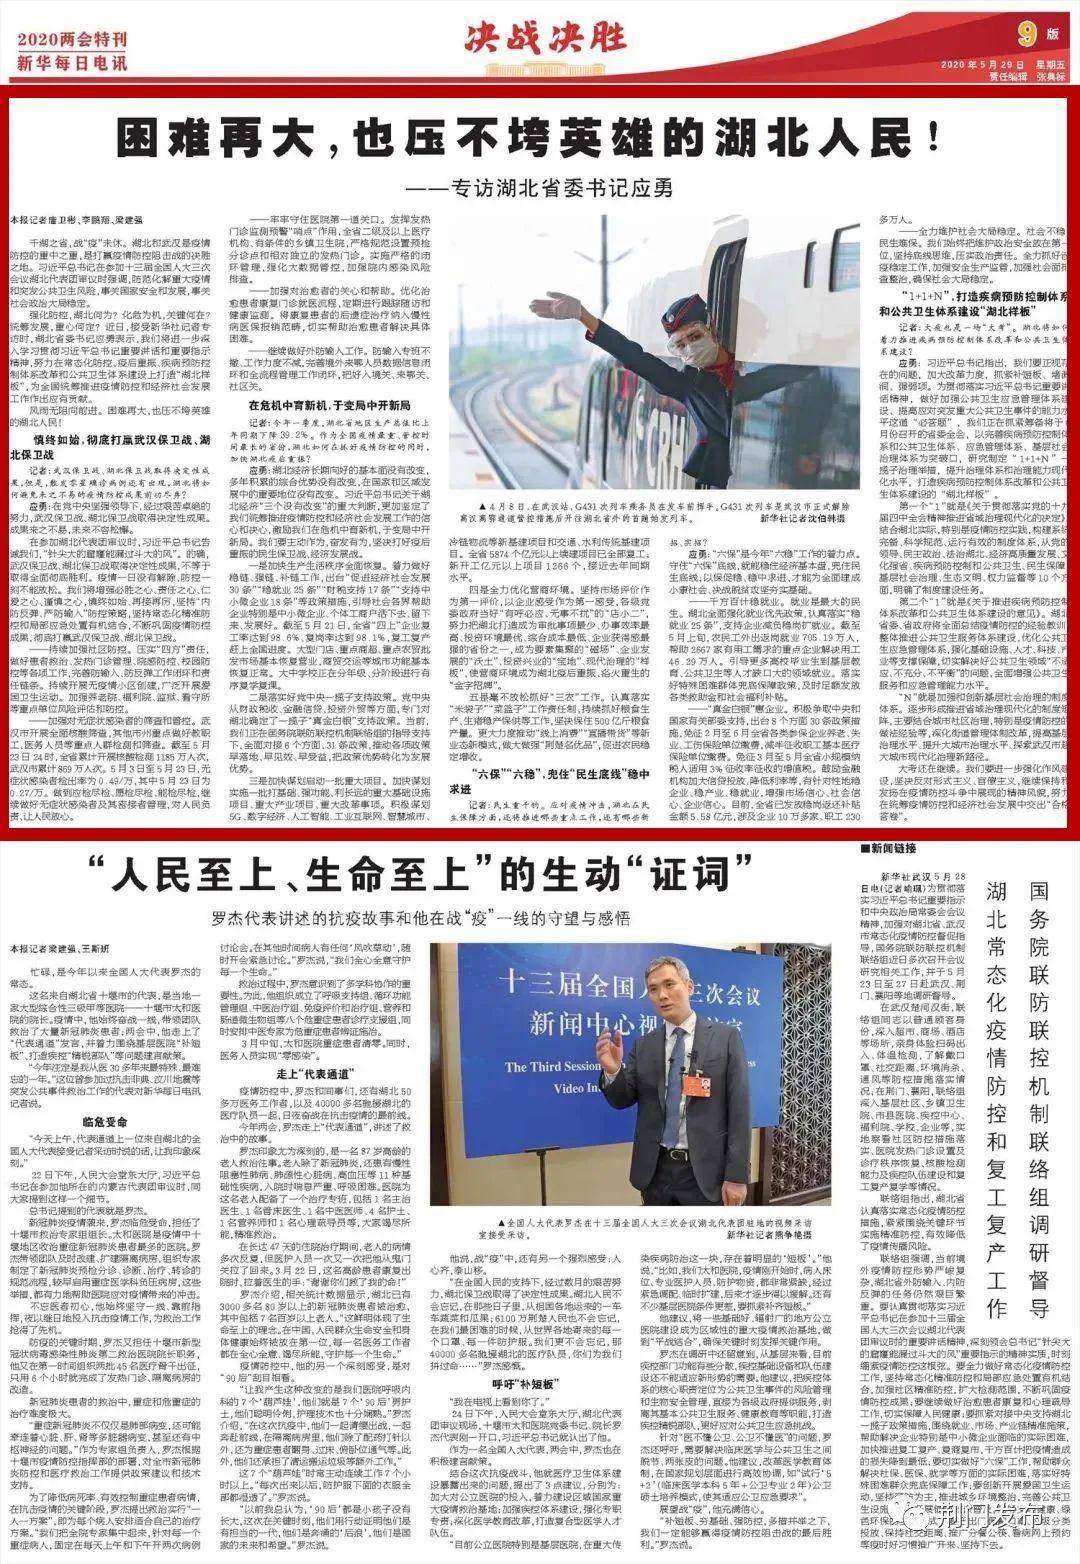 新华社专访湖北省委书记应勇:困难再大,也压不垮英雄的湖北人民!